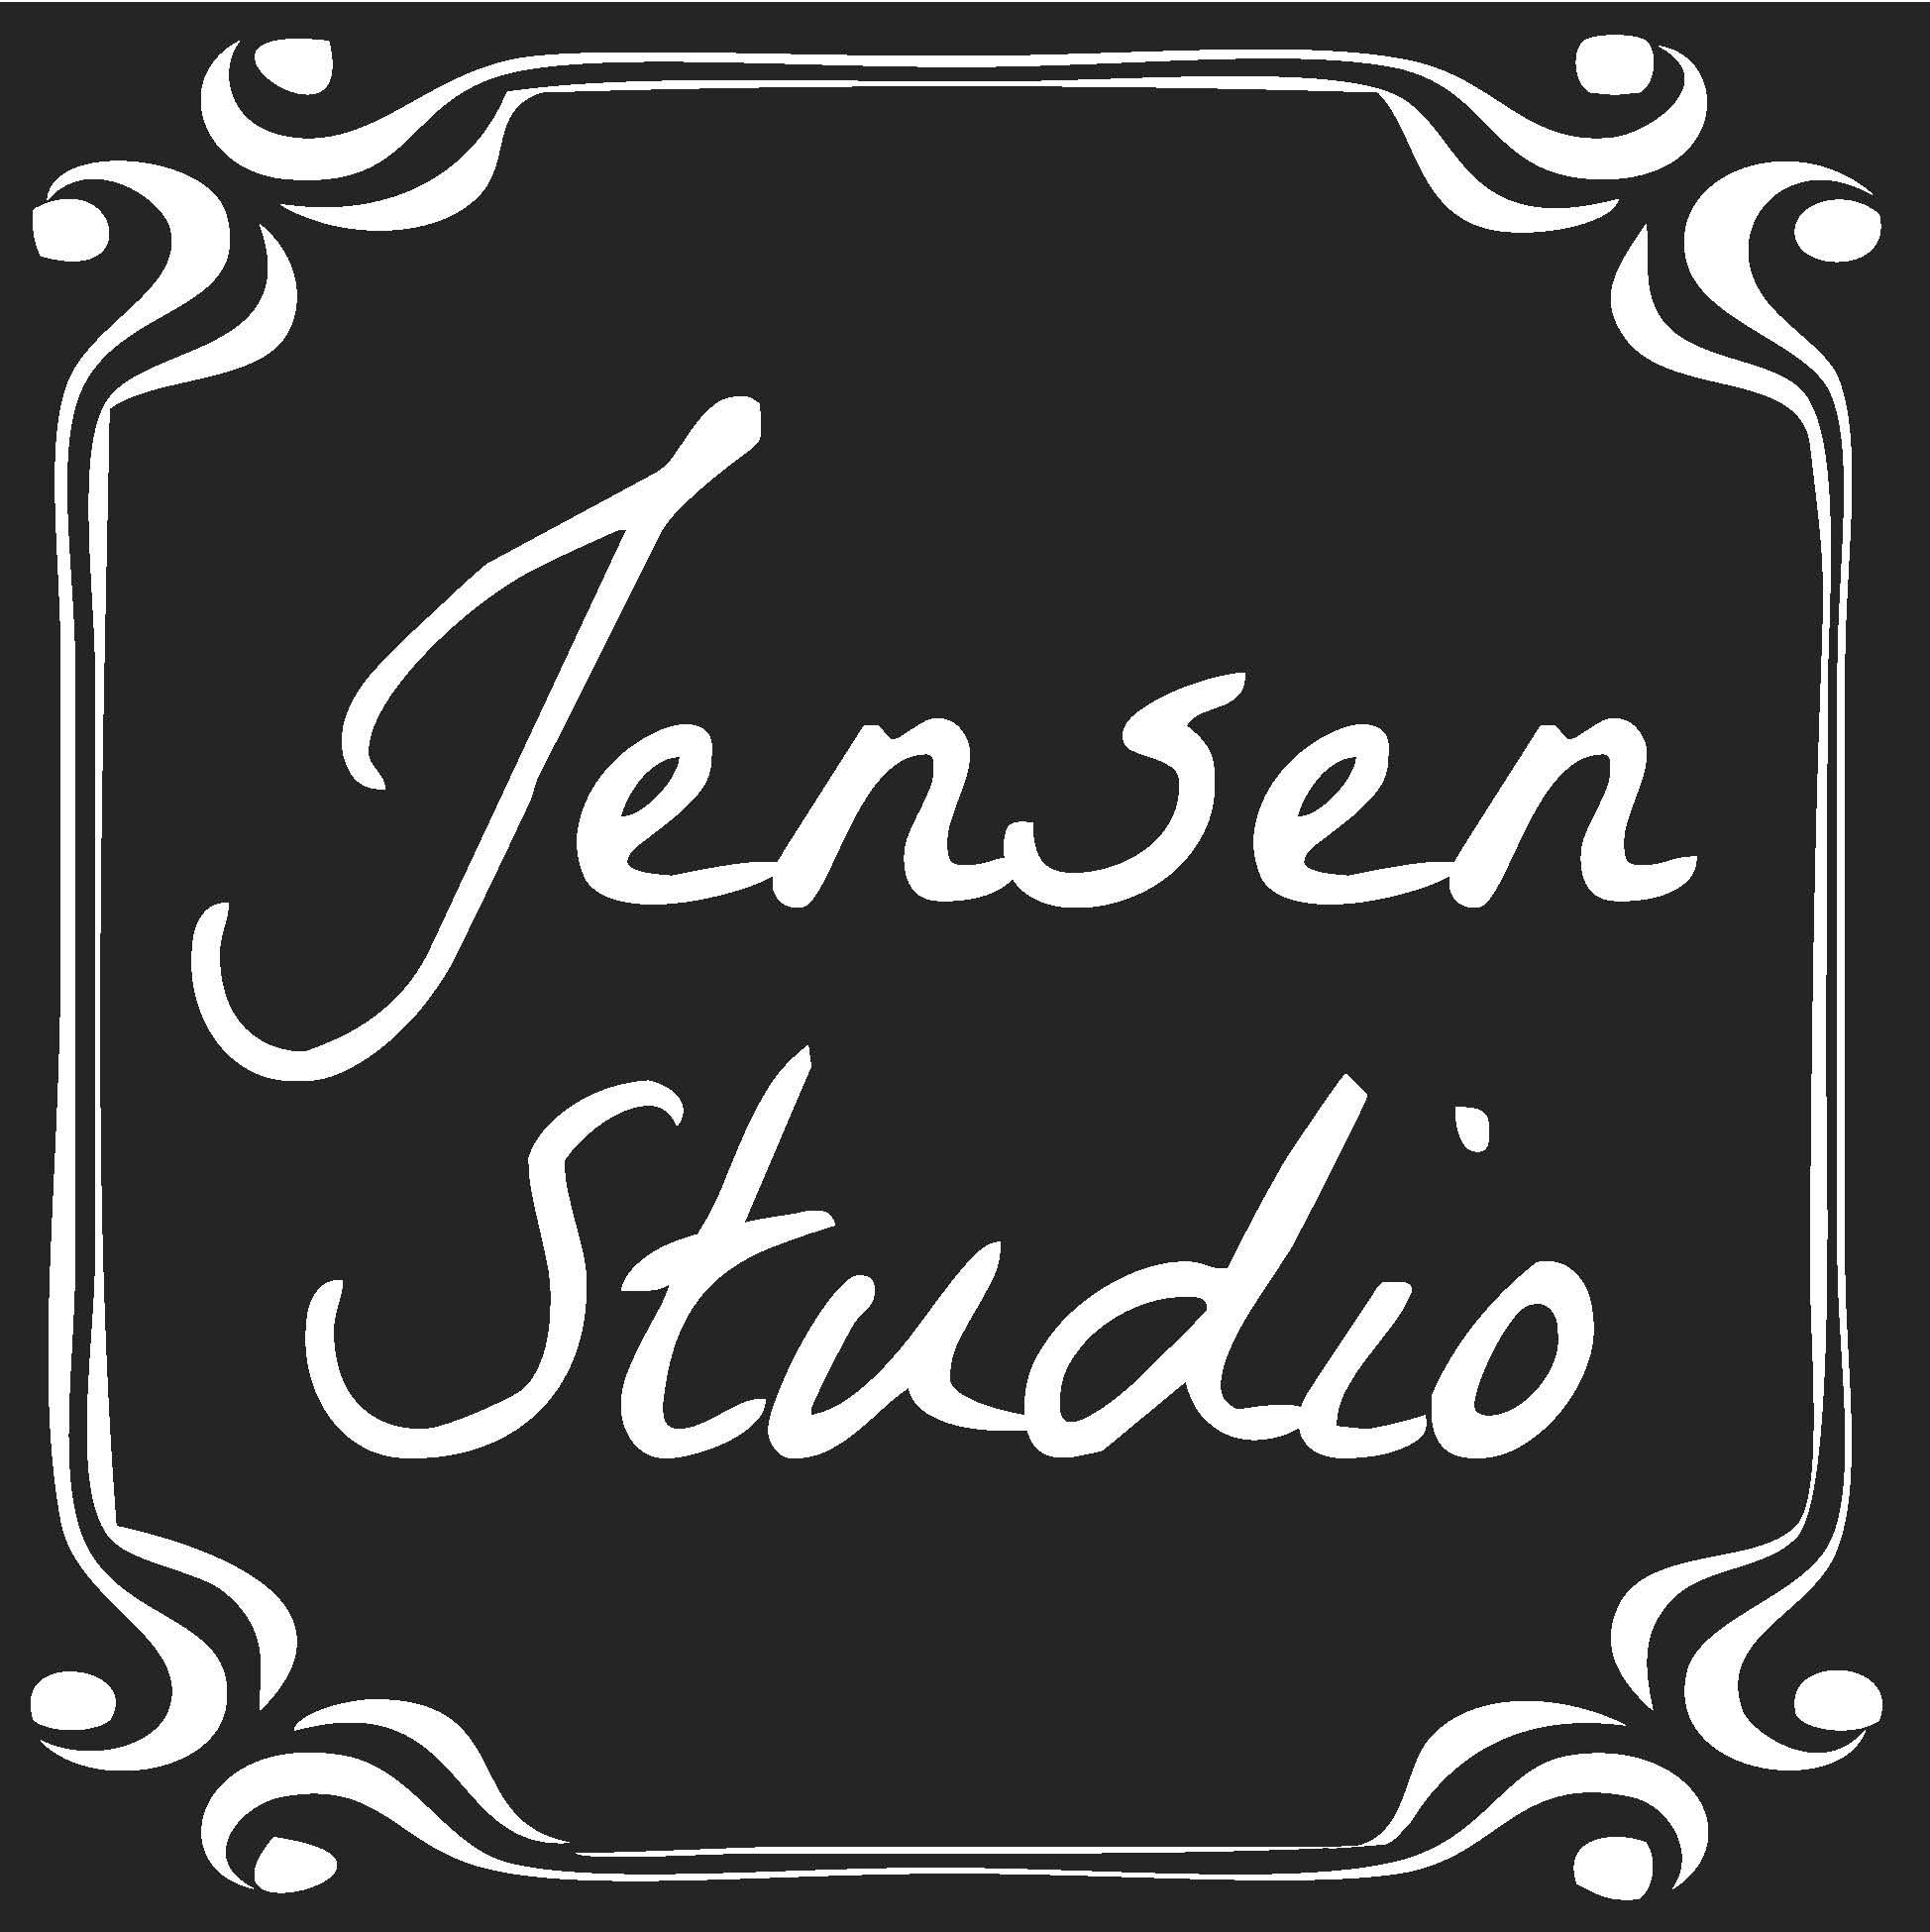 Jensen Studio